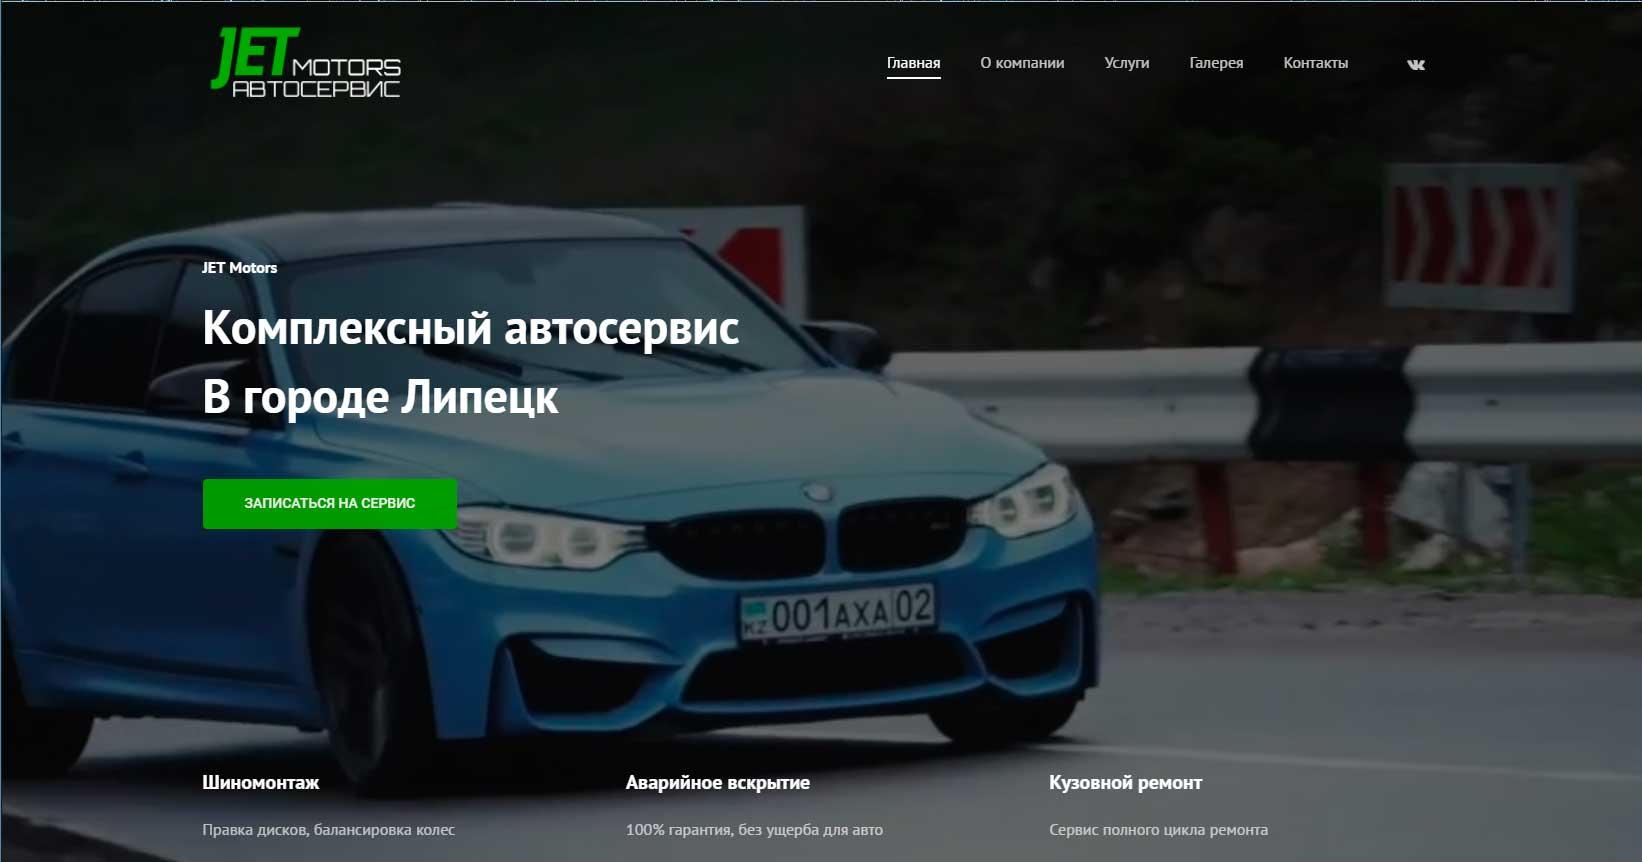 Автосервис JET моторс